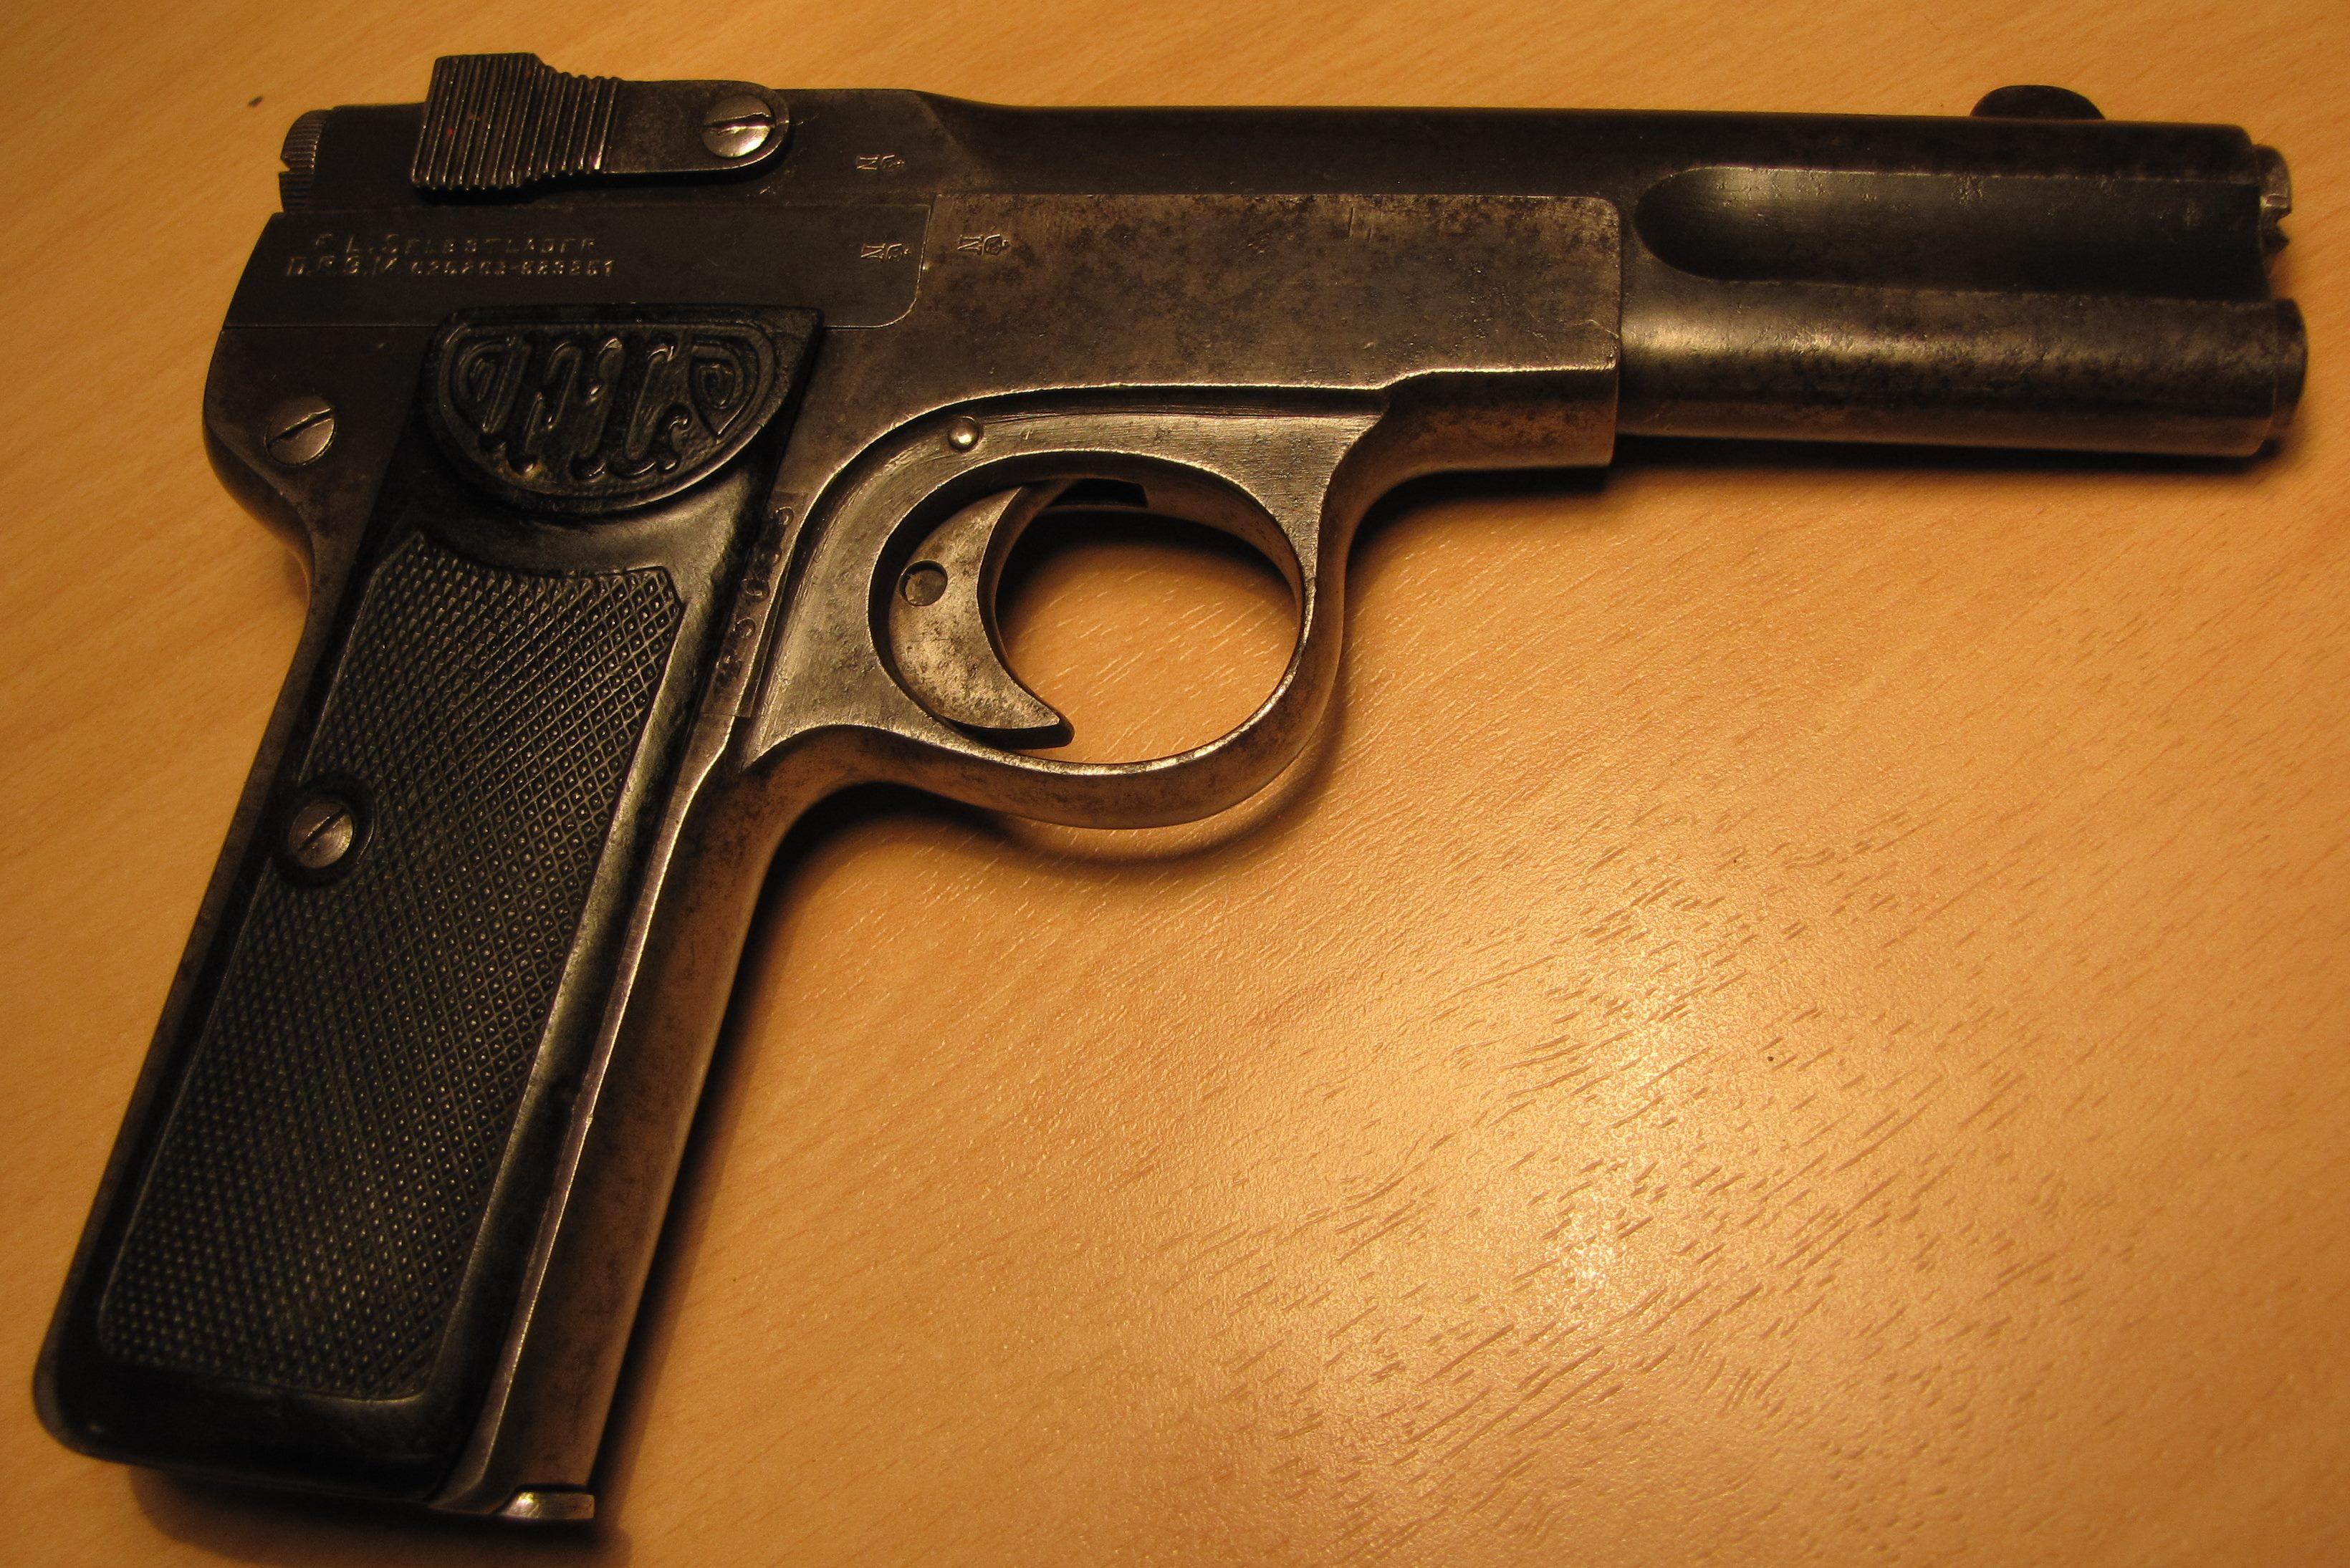 Browning 1900 et armée Française Langenhan-6